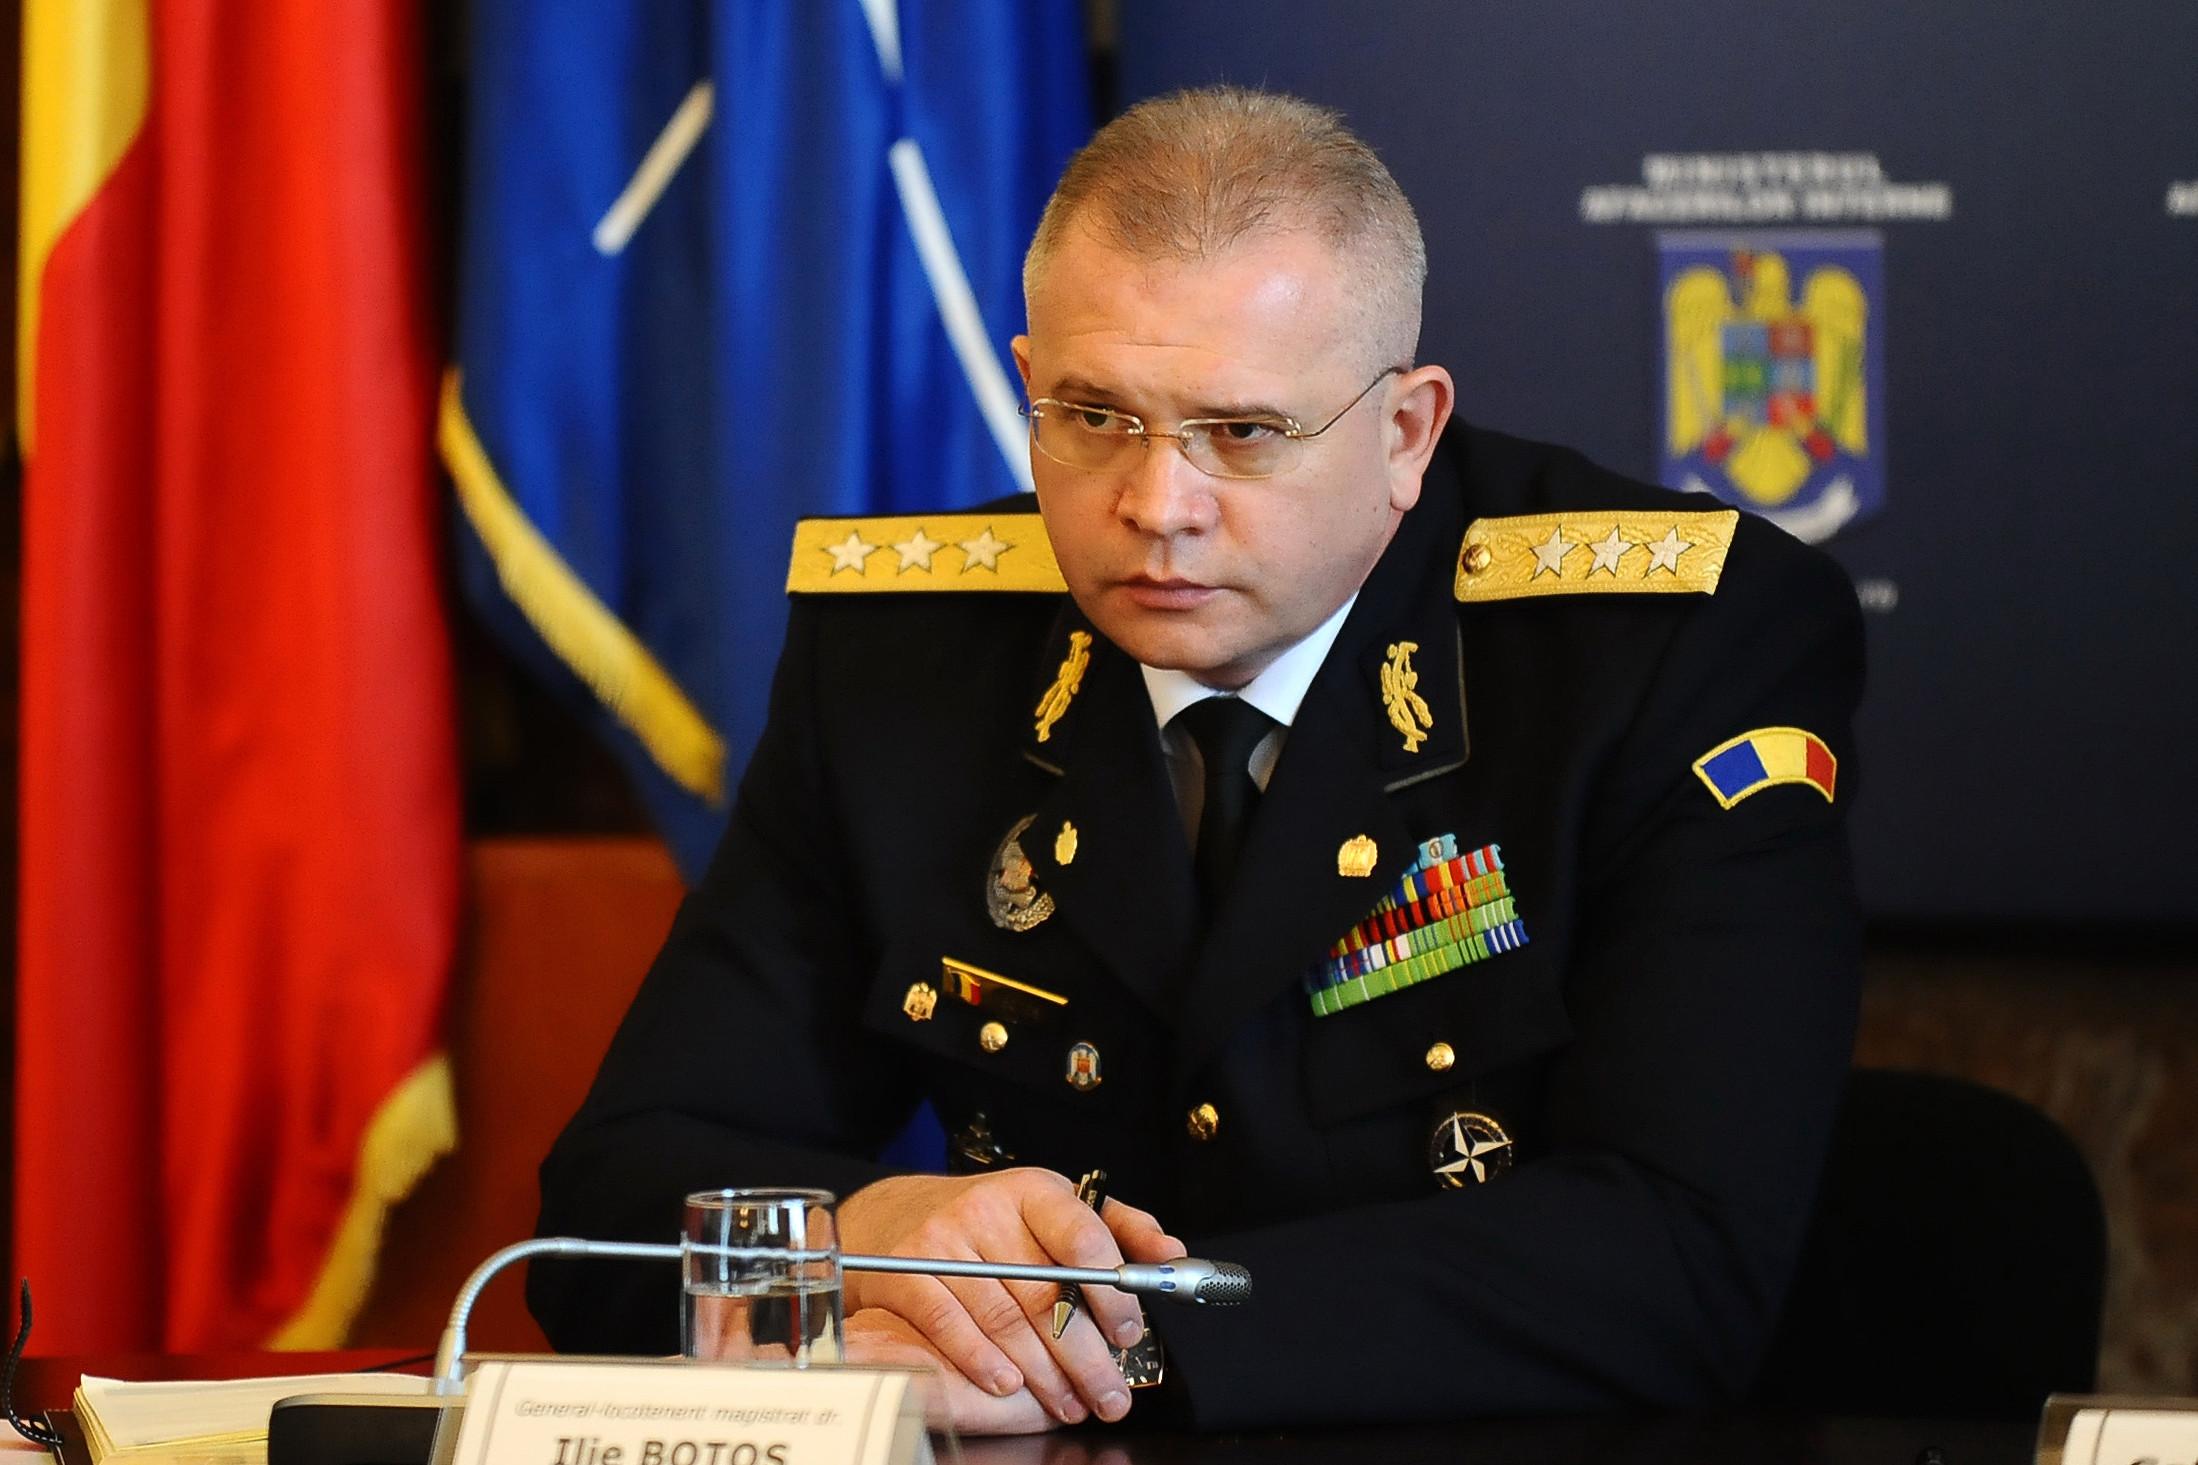 """Exclusiv. Generalul Ilie Botoș: """"Măcelul de la Sibiu, opera unor soldați misterioși, cu combinezoane negre și mitraliere cu pat rabatabil"""" (I)"""